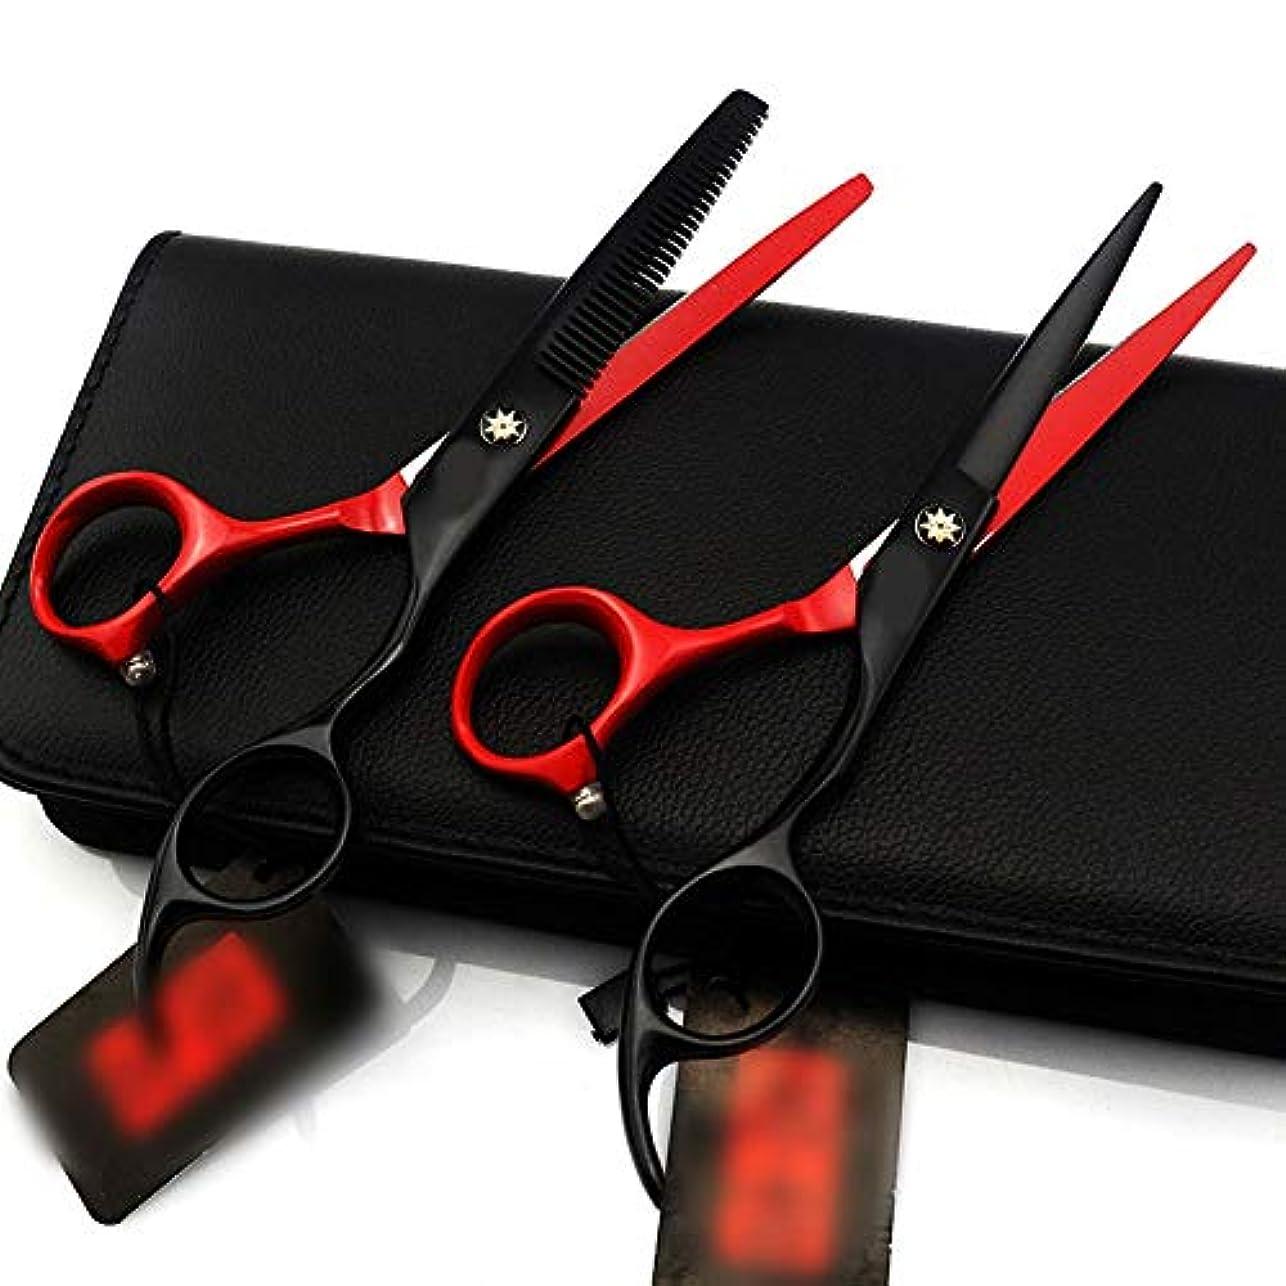 状ペンス敵意黒赤人格理髪はさみ、6インチプロフェッショナル理髪セットフラット+歯はさみセット ヘアケア (色 : Black red)